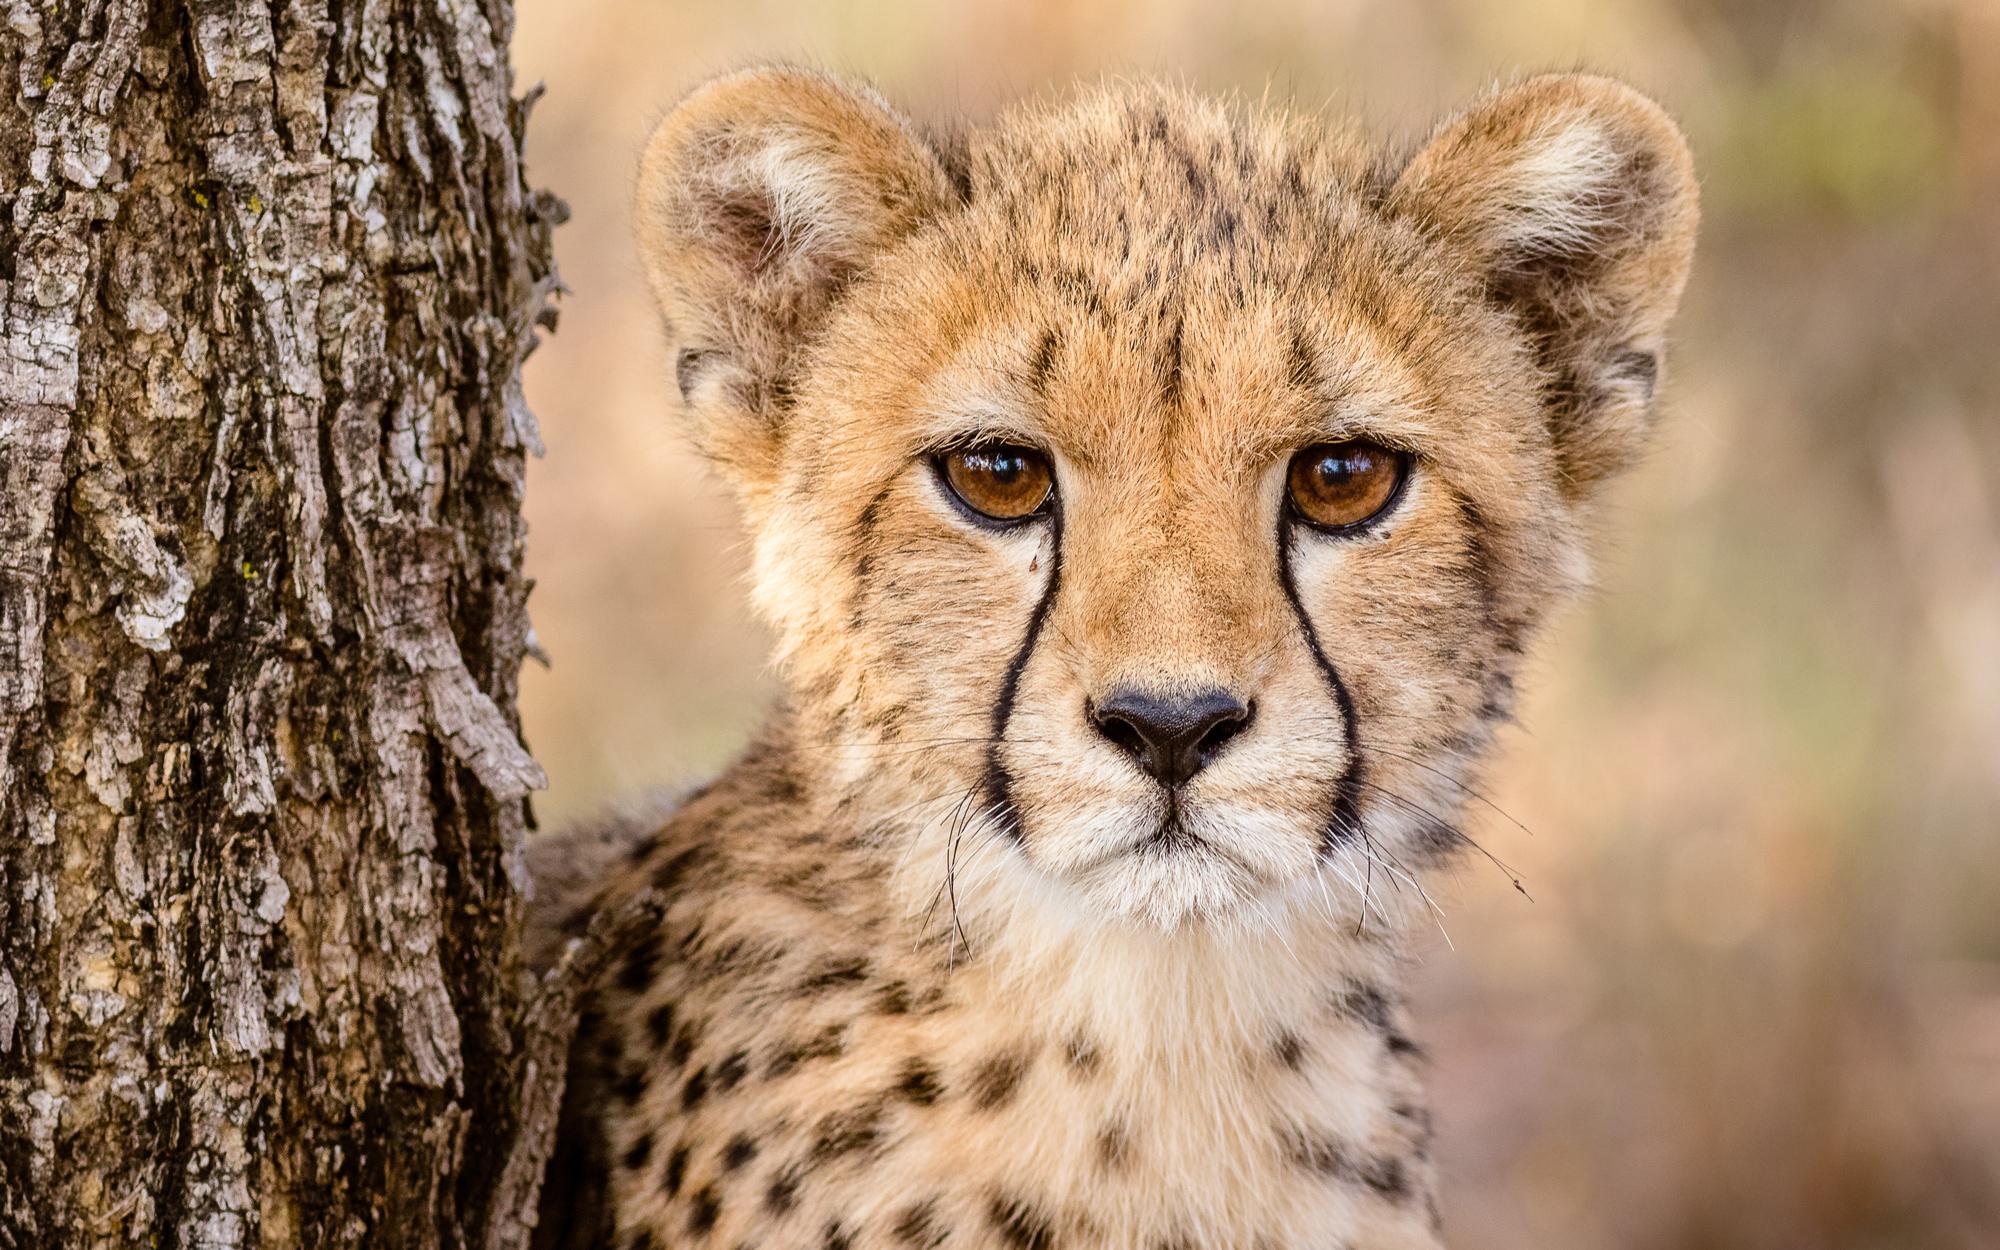 Young cheetah © Cal Butler